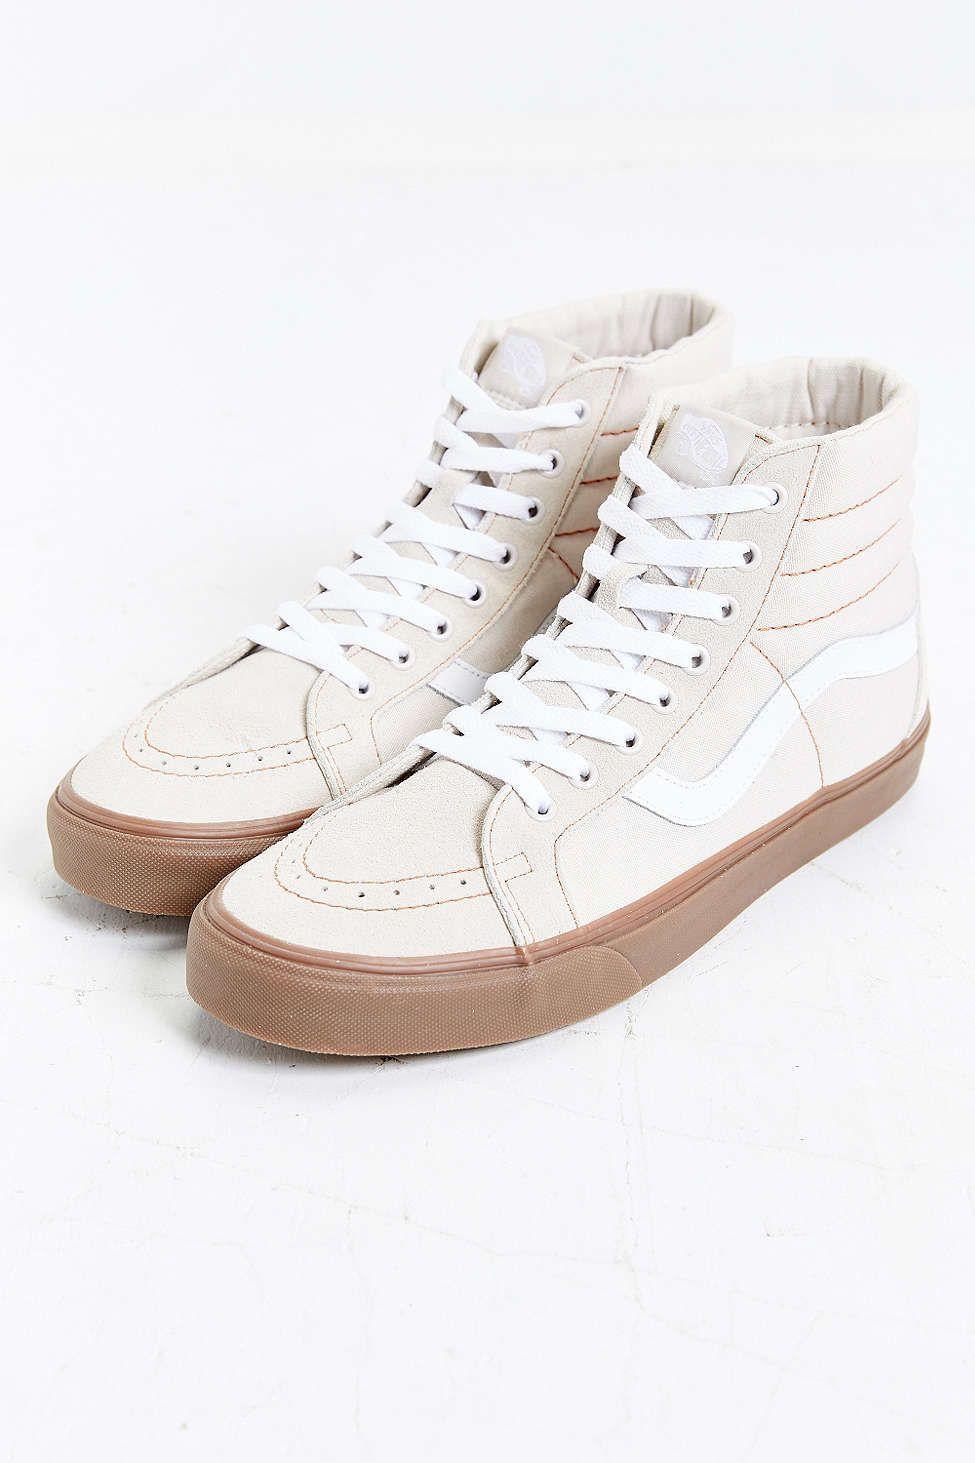 031fca0e79 Vans X UO Sk8-Hi Reissue Gumsole Sneaker